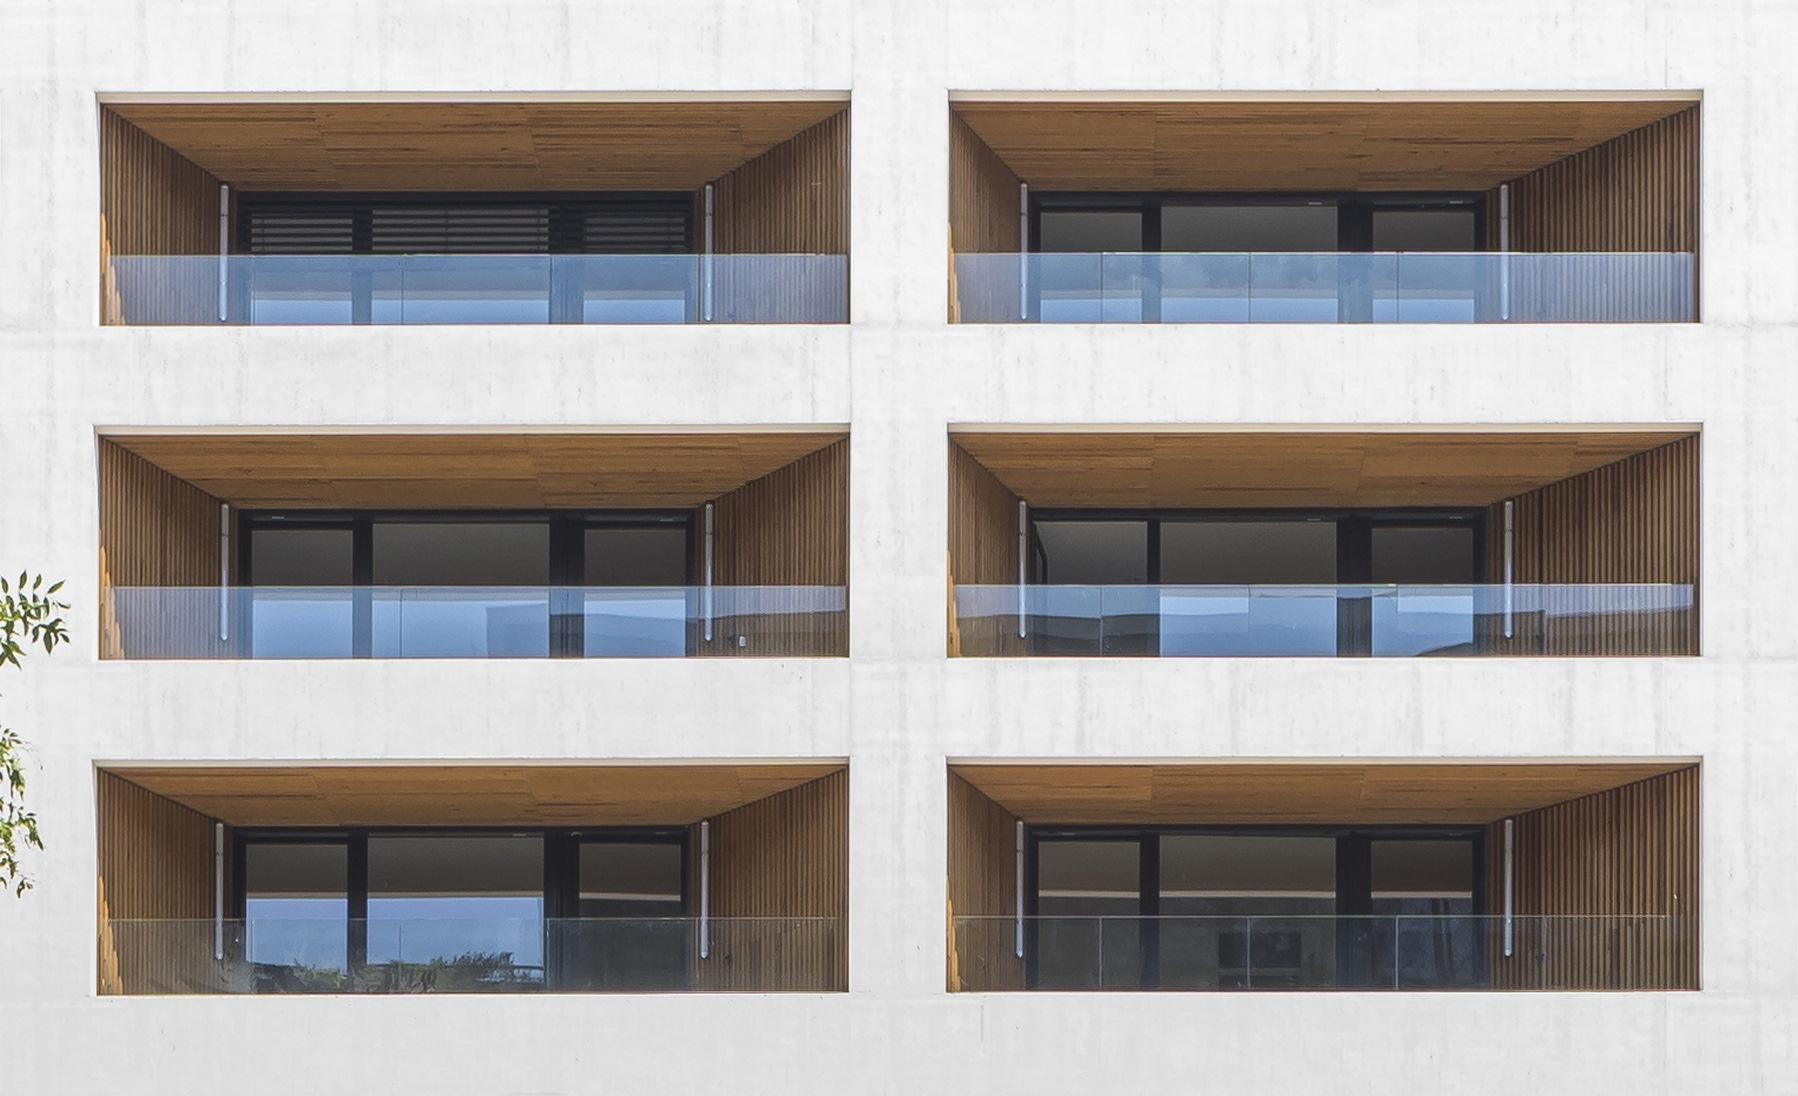 Ilot G / Les Loges de Saone - Lyon confluence : détail façade - Z Architecture